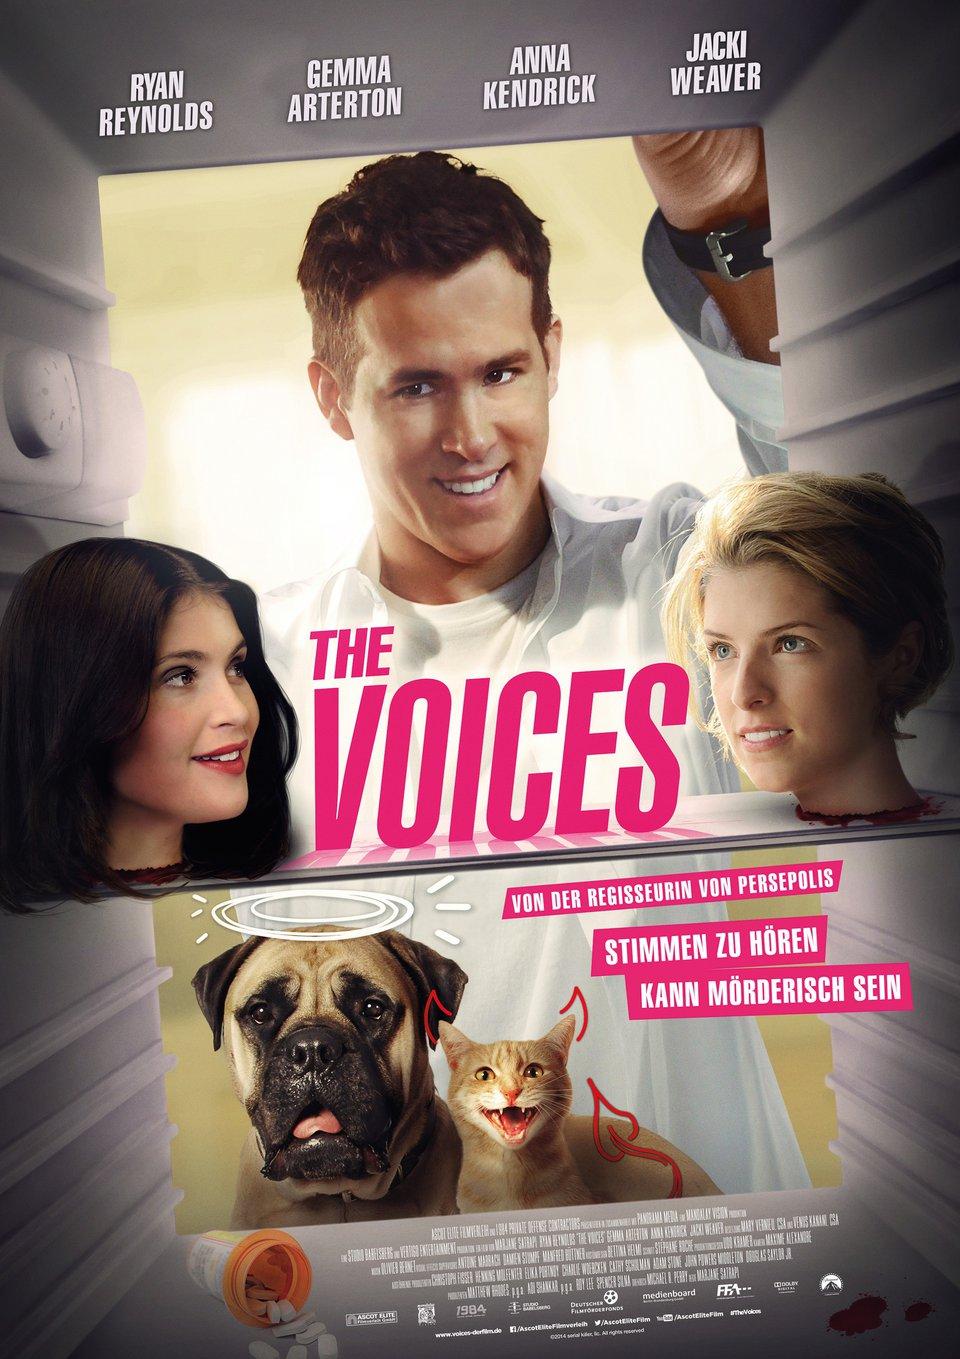 Кадры из фильма голоса смотреть онлайн 2014 фильм в хорошем качестве